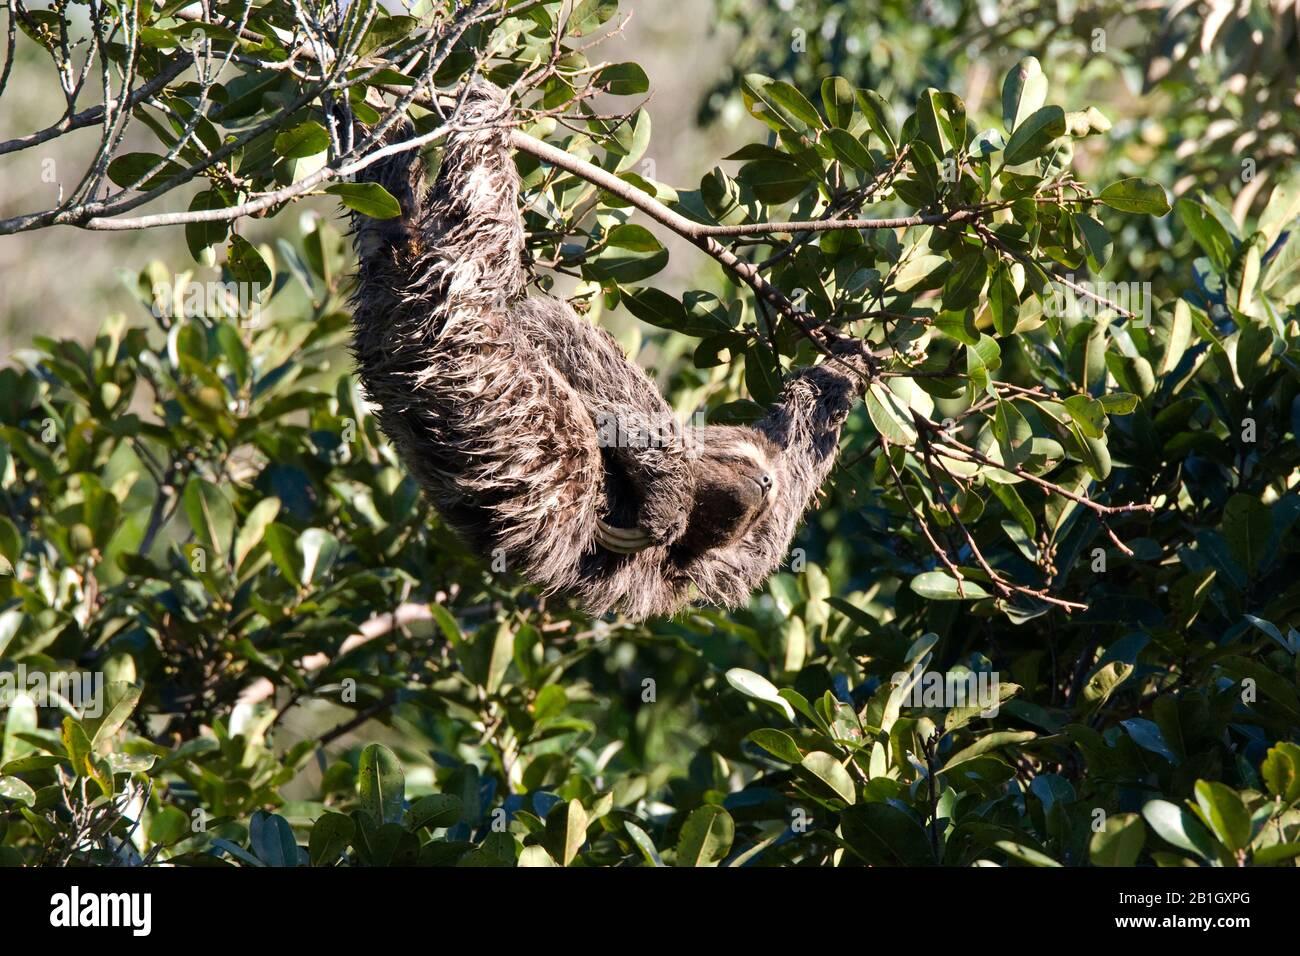 Perezoso de garganta marrón (Bradypus variegatus), colgando la cabeza en una rama, Brasil Foto de stock